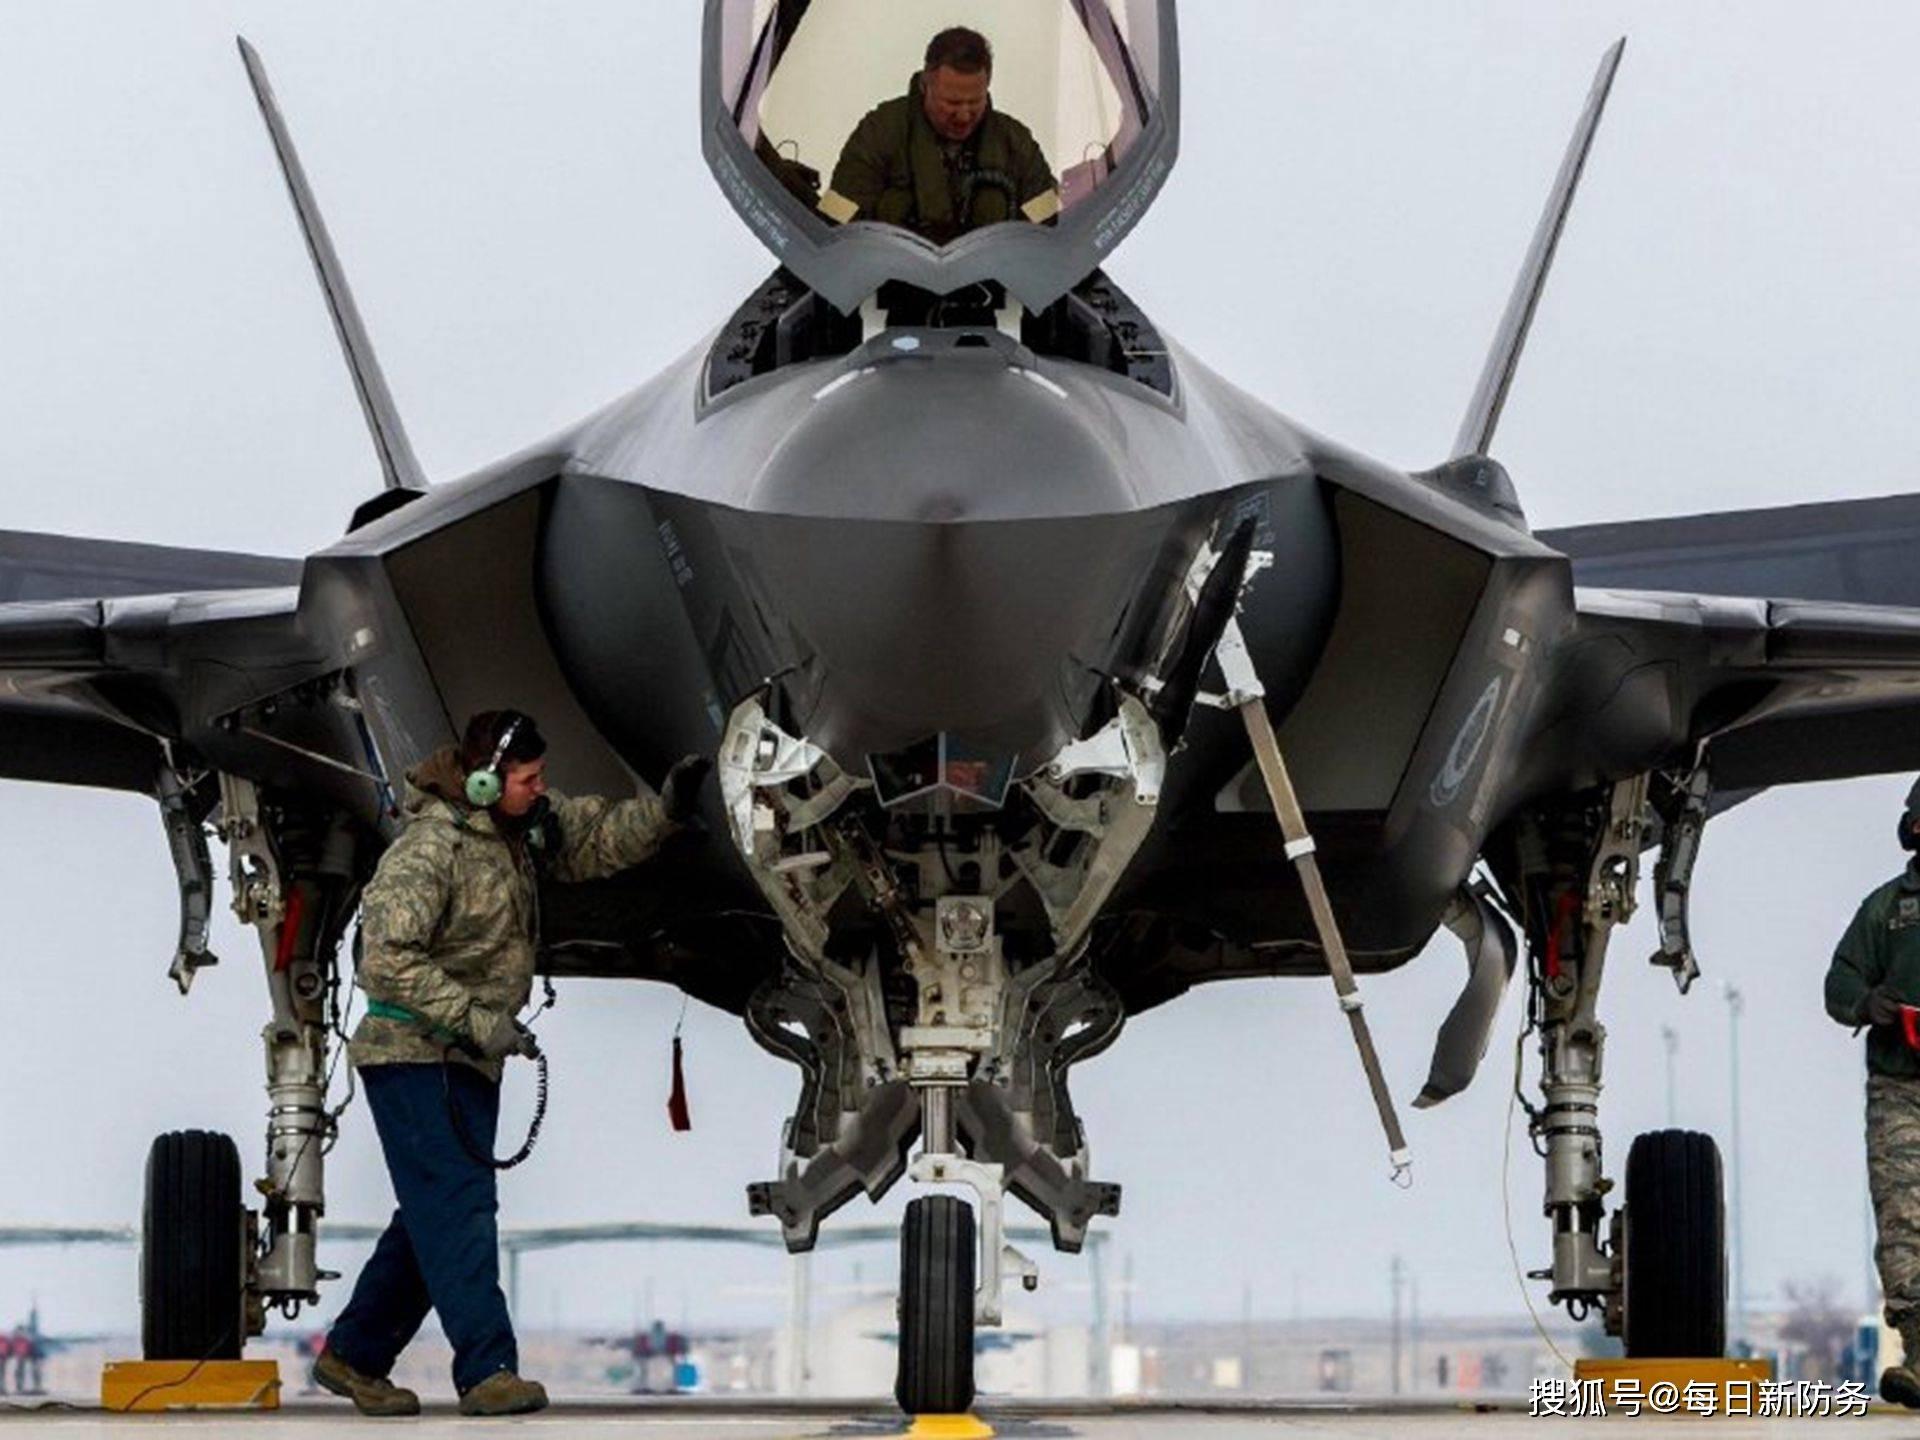 美军承认失败,歼20带来了太大冲击,刺痛了美国空军每一根神经